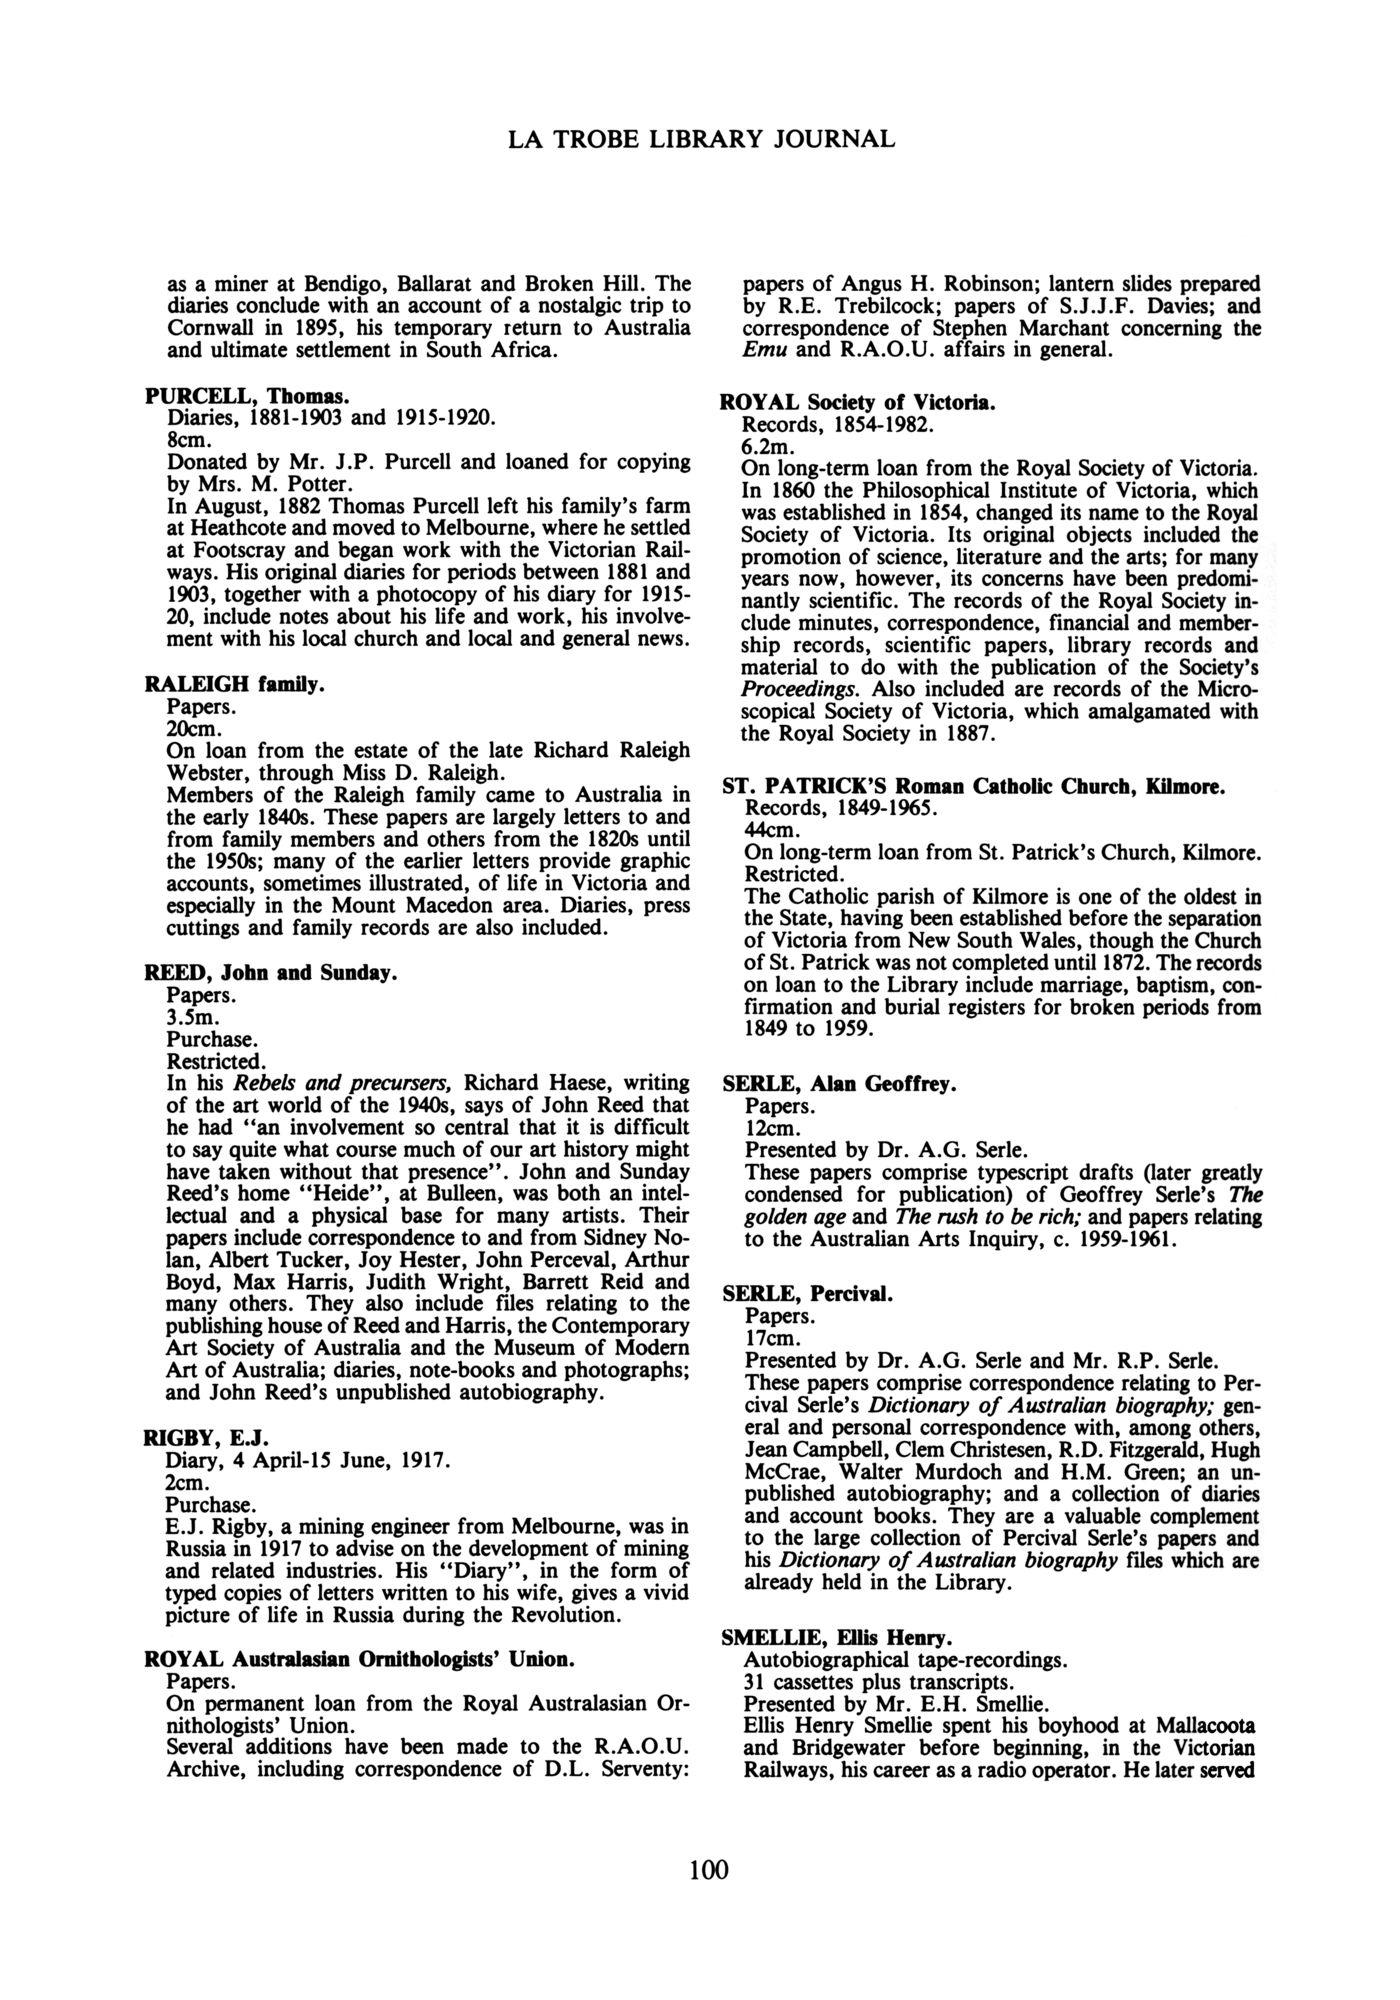 Page 100 - No 36 December 1985 - La Trobe Journal